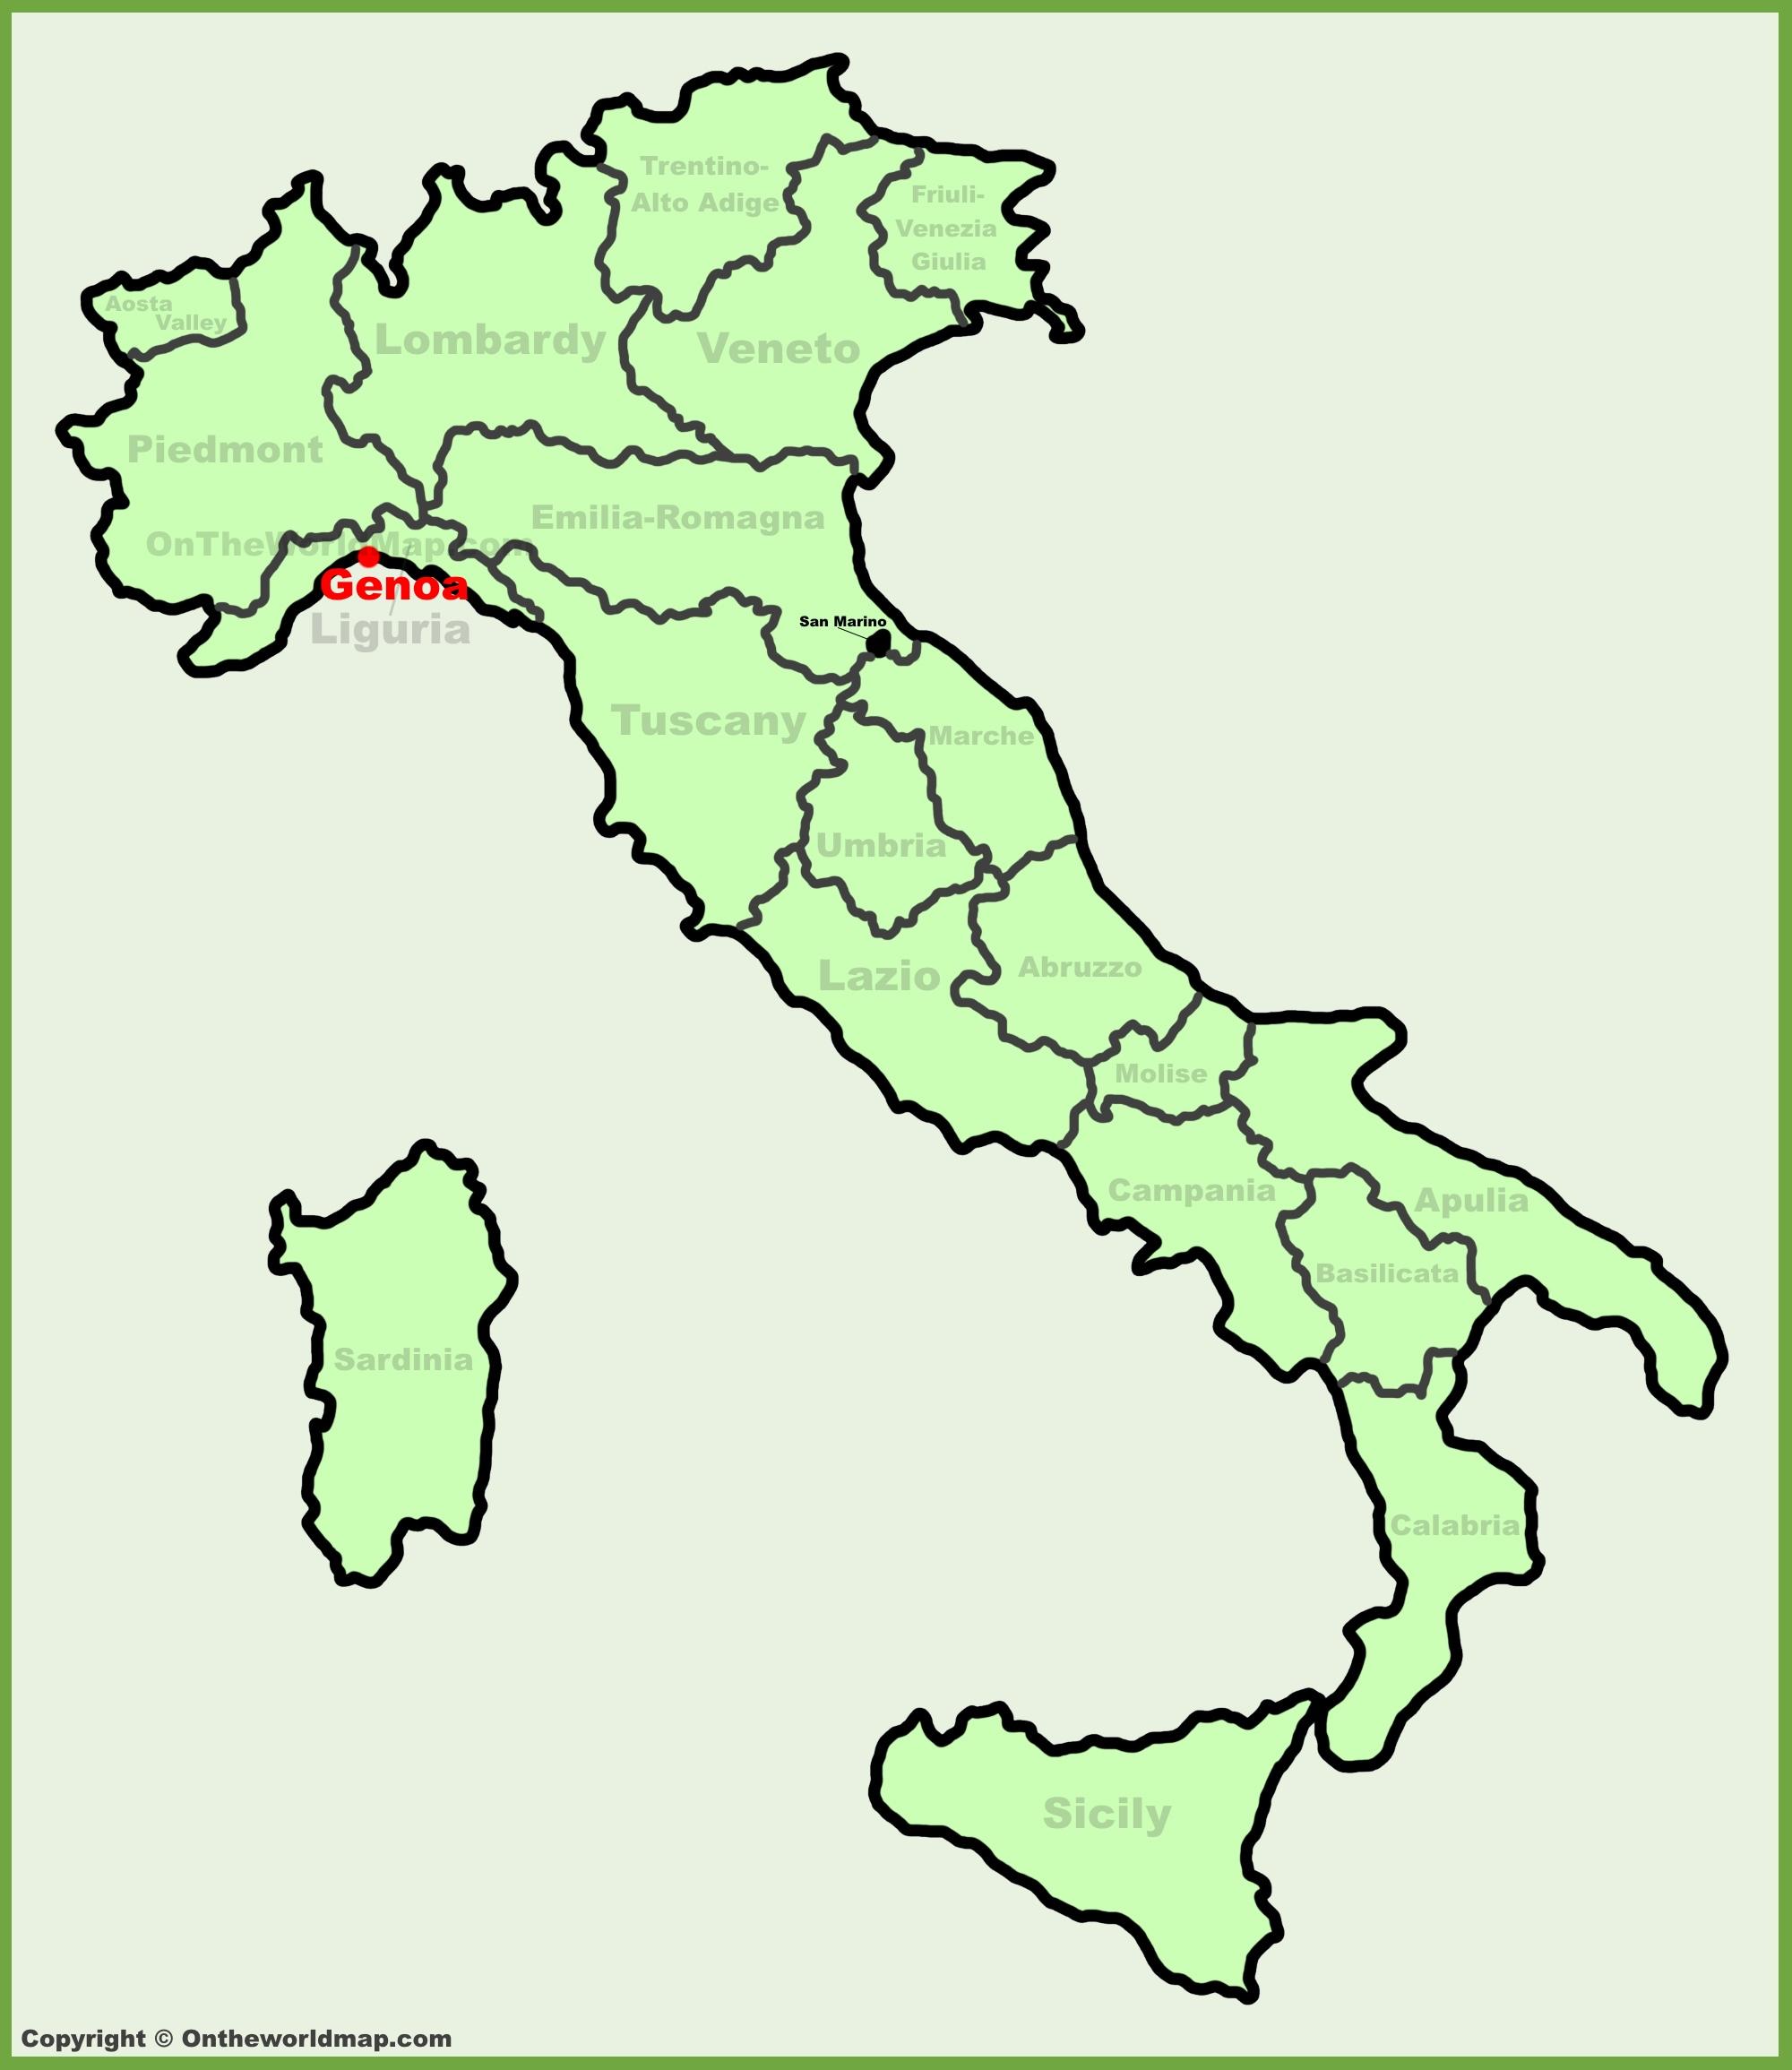 Genoa location on the Italy map